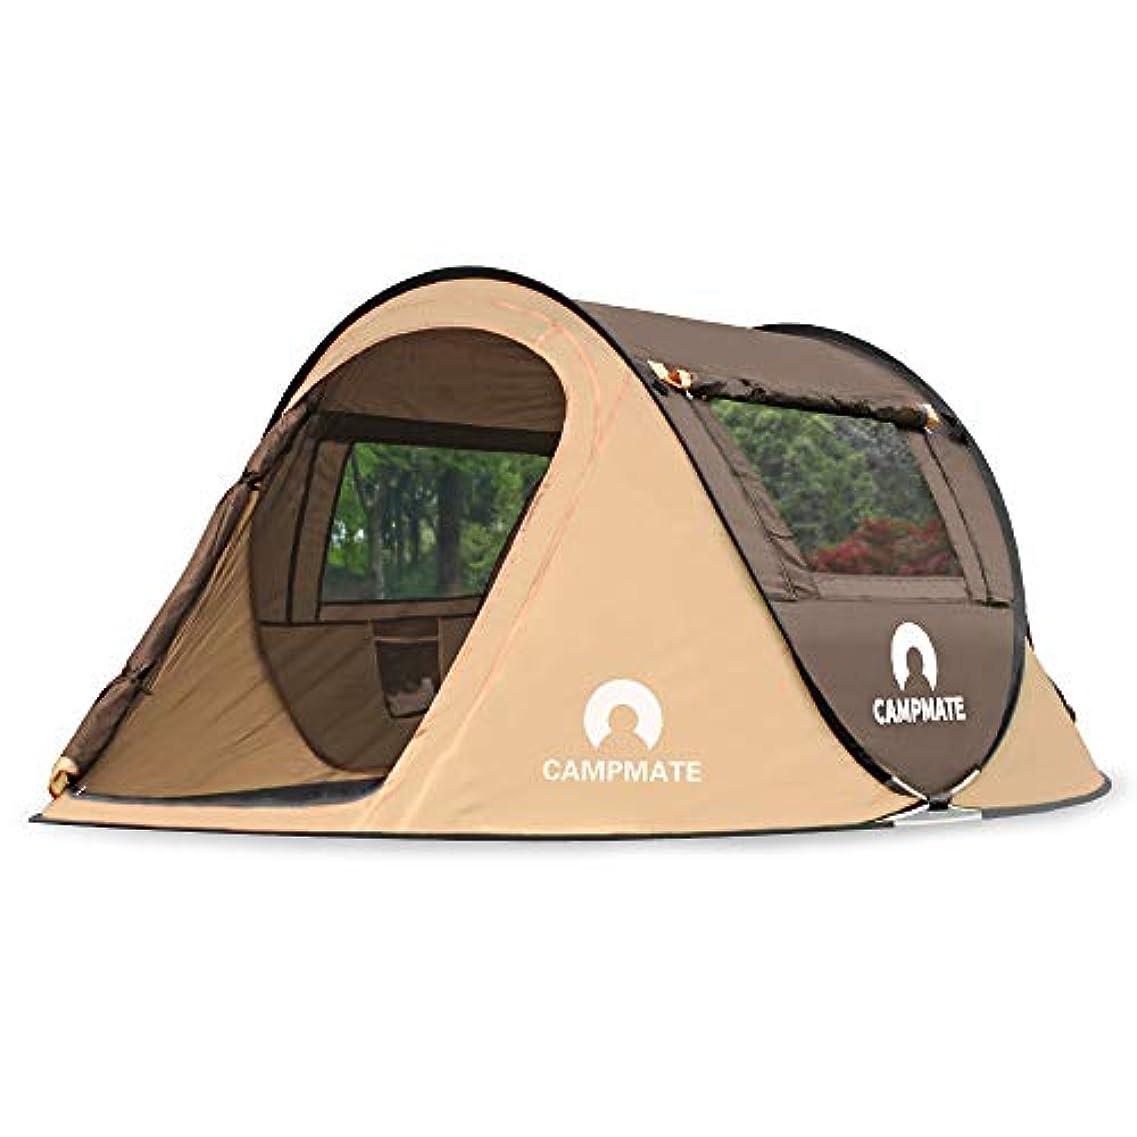 吸収剤グリル雪のSESAME STAR キャンプ用品 テント ワンタッチテント ポップアップテント 2-3人用 簡単設営 海 花見 運動会 登山用 アウトドア用品